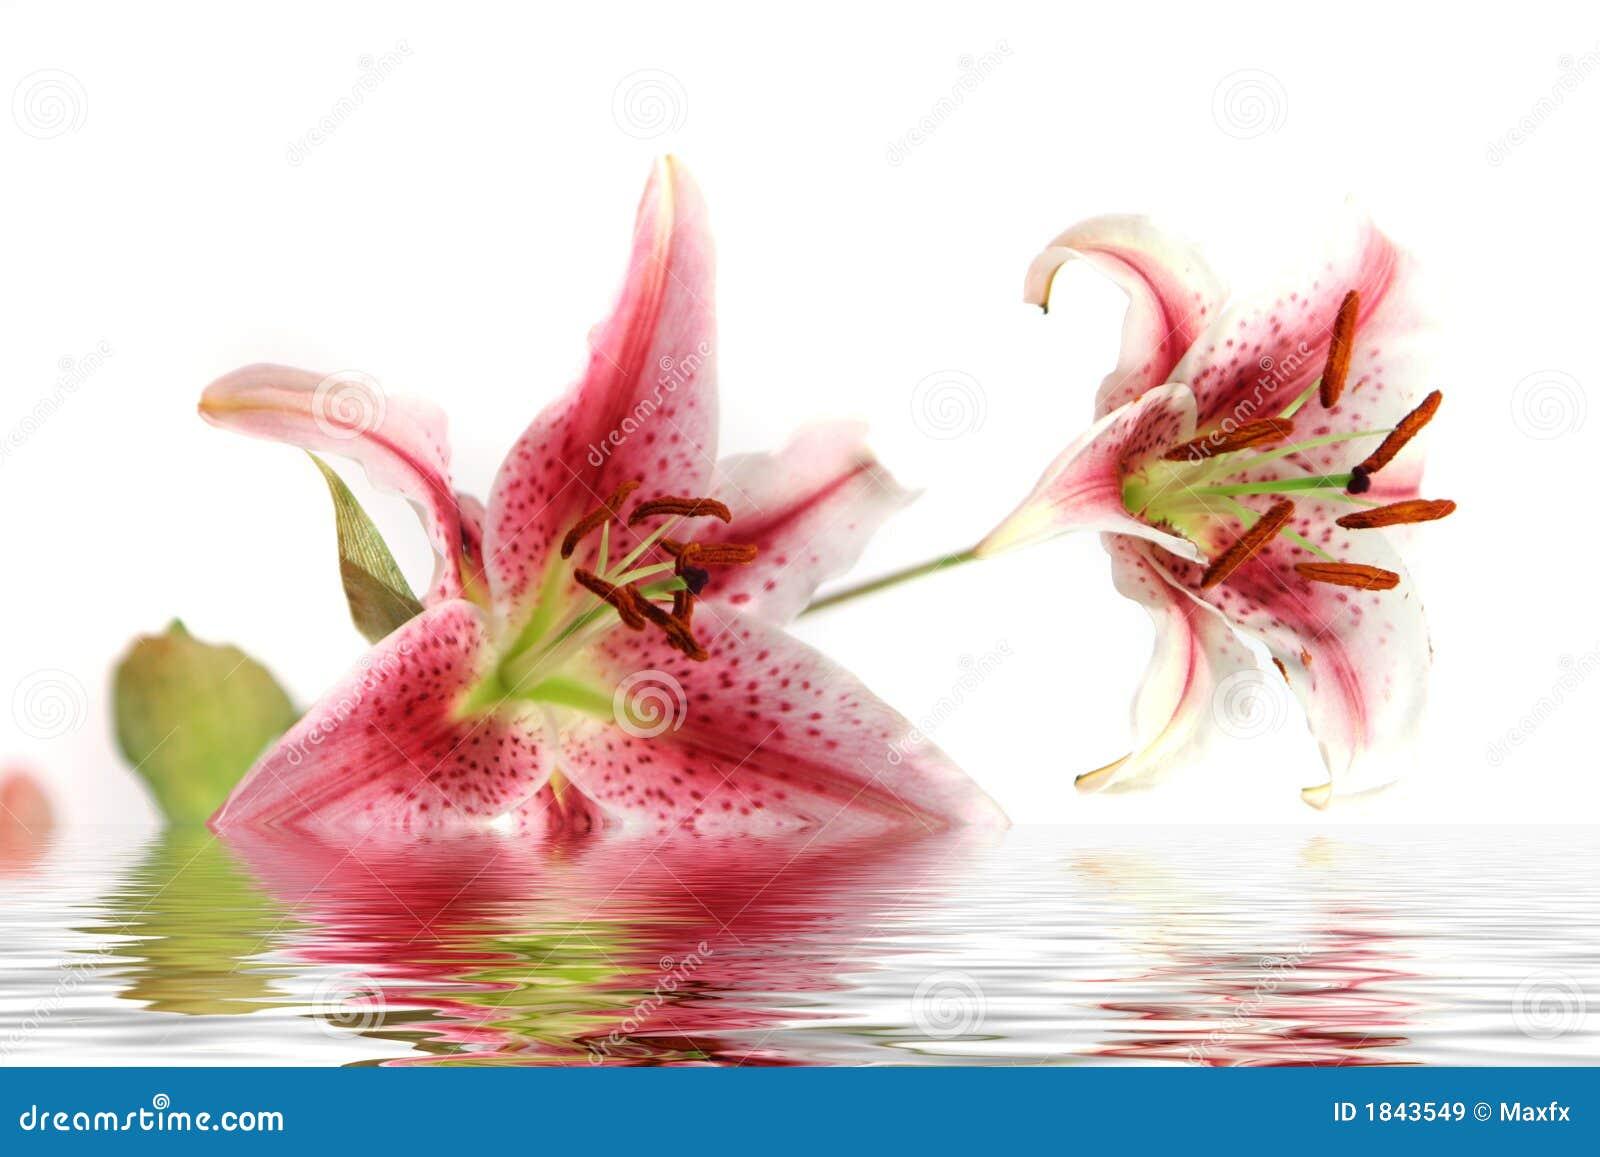 Diafragma hermoso - flor del lirio con la reflexión del agua aislada en el fondo blanco